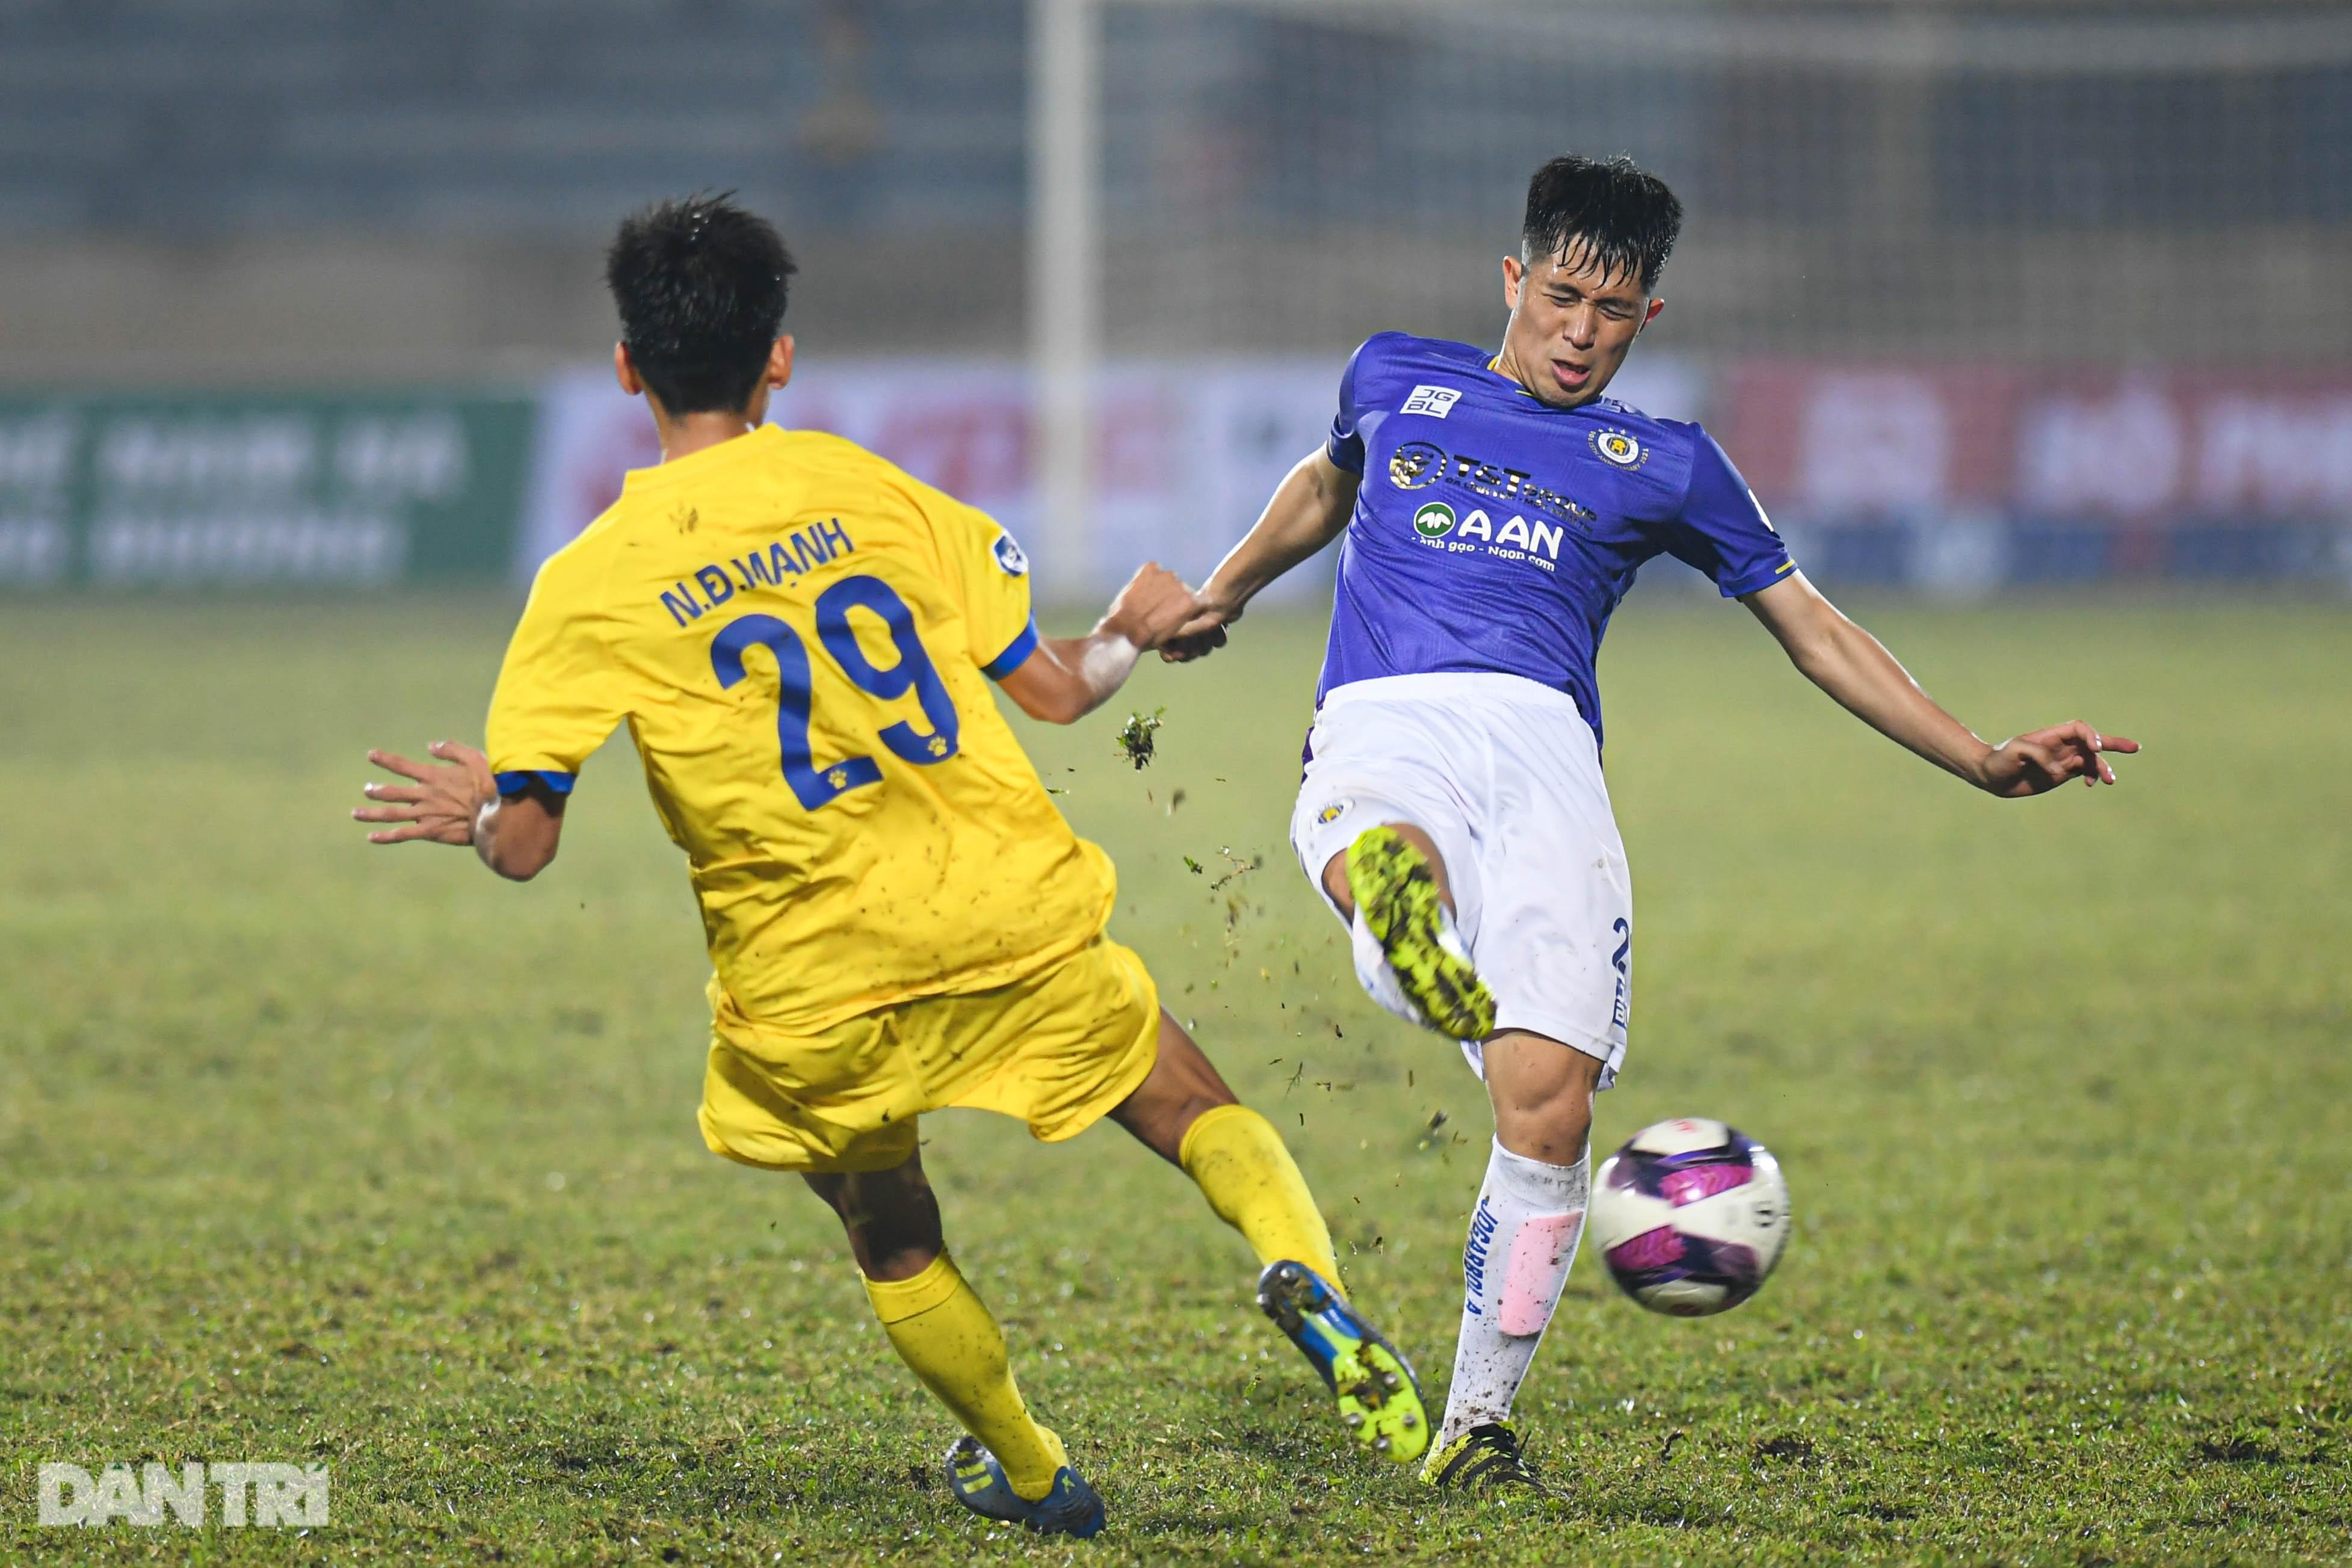 CLB Hà Nội thua đậm Nam Định: Thiên Trường mở hội, ngân vang khúc khải hoàn - 17